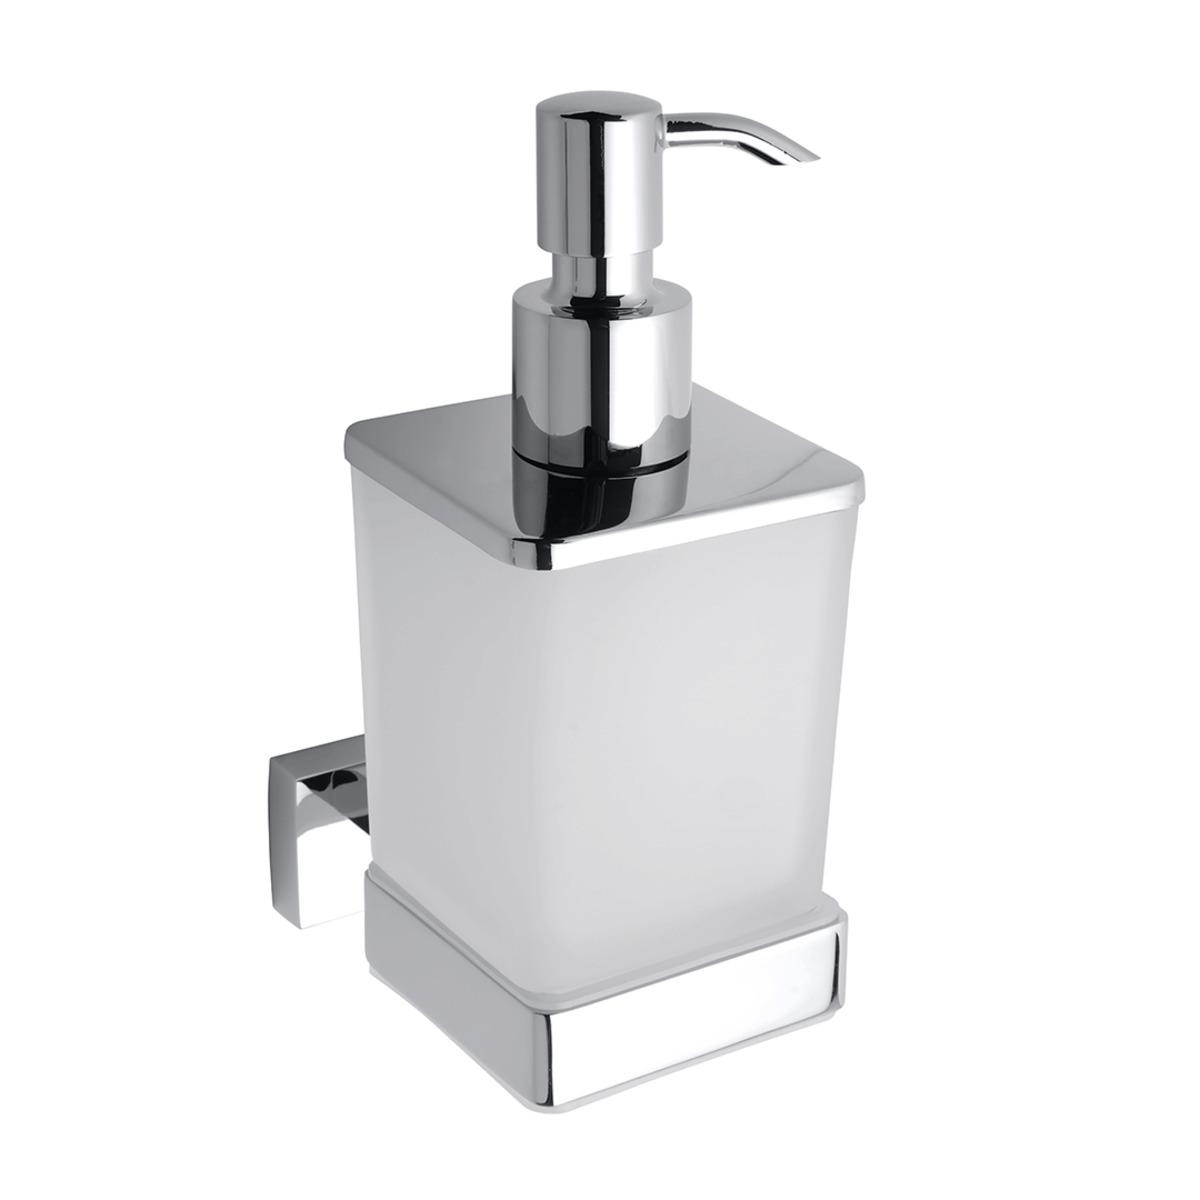 Dávkovač mýdla Bemeta PLAZA chrom 118209049